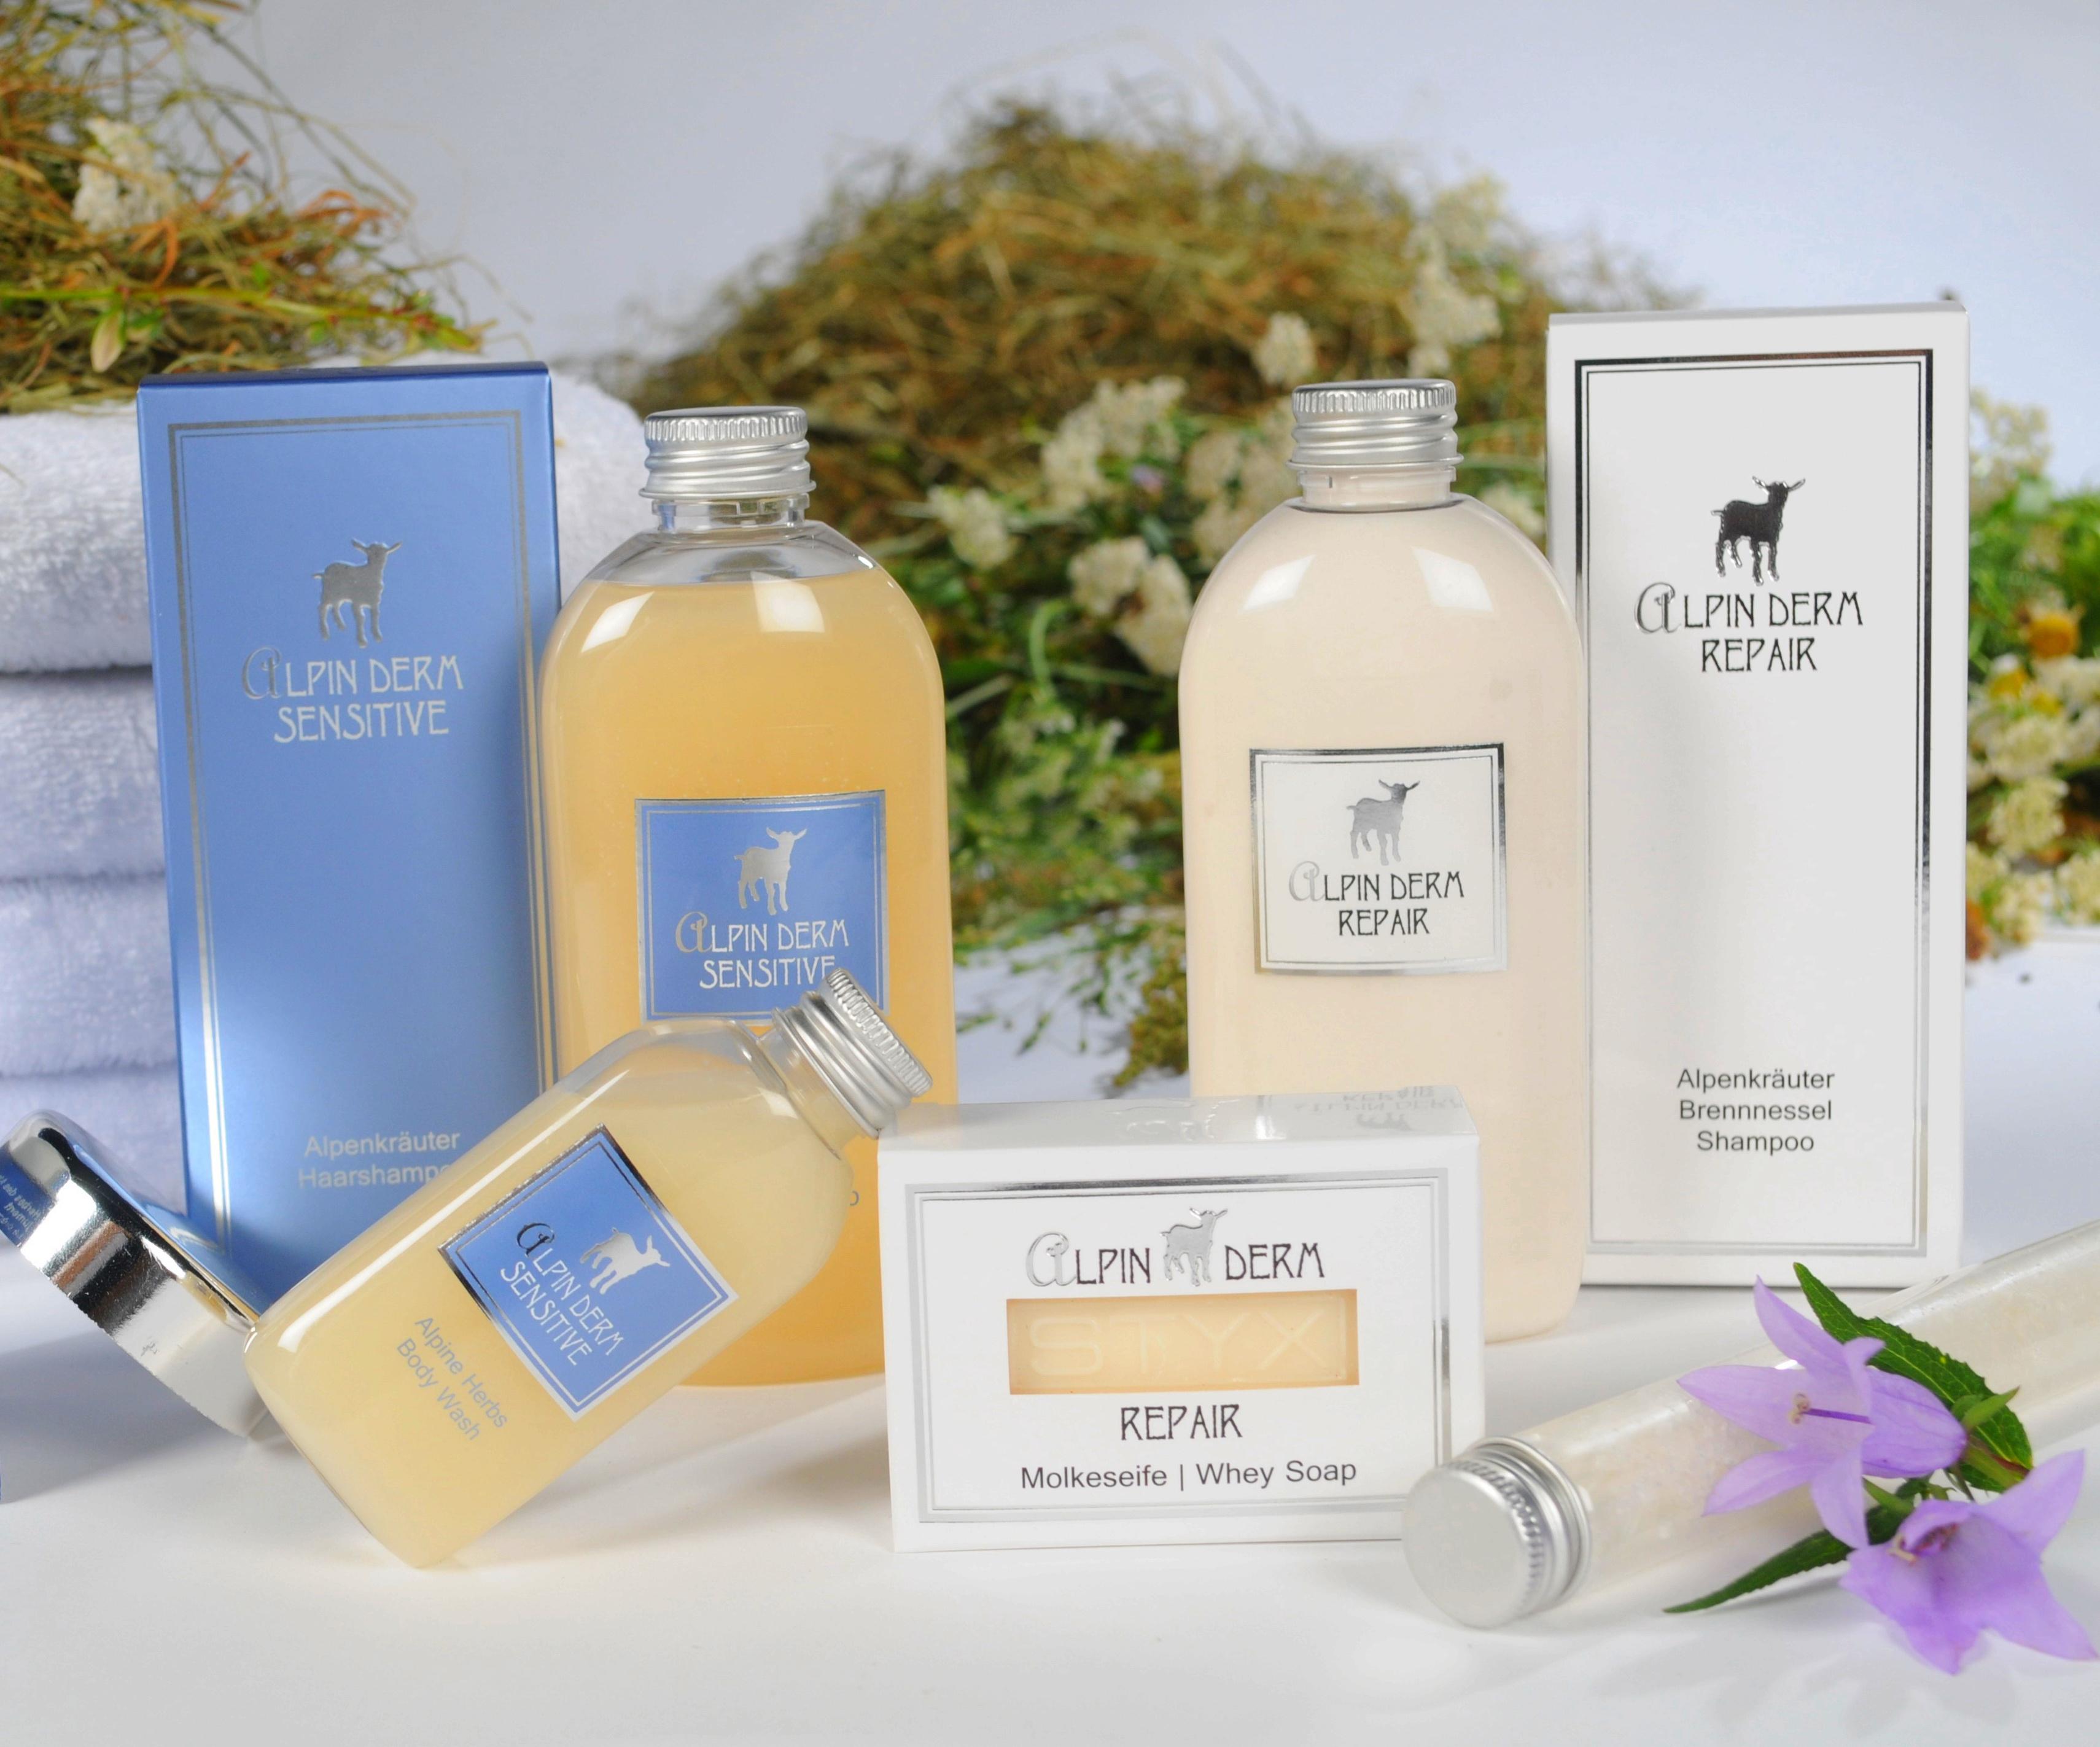 $TYX - 100% натуральные эфирные масла и природная косметика, созданные по старинным рецептам, проверенным поколениями! Натуральная красота для современных женщин! Выкуп 5.